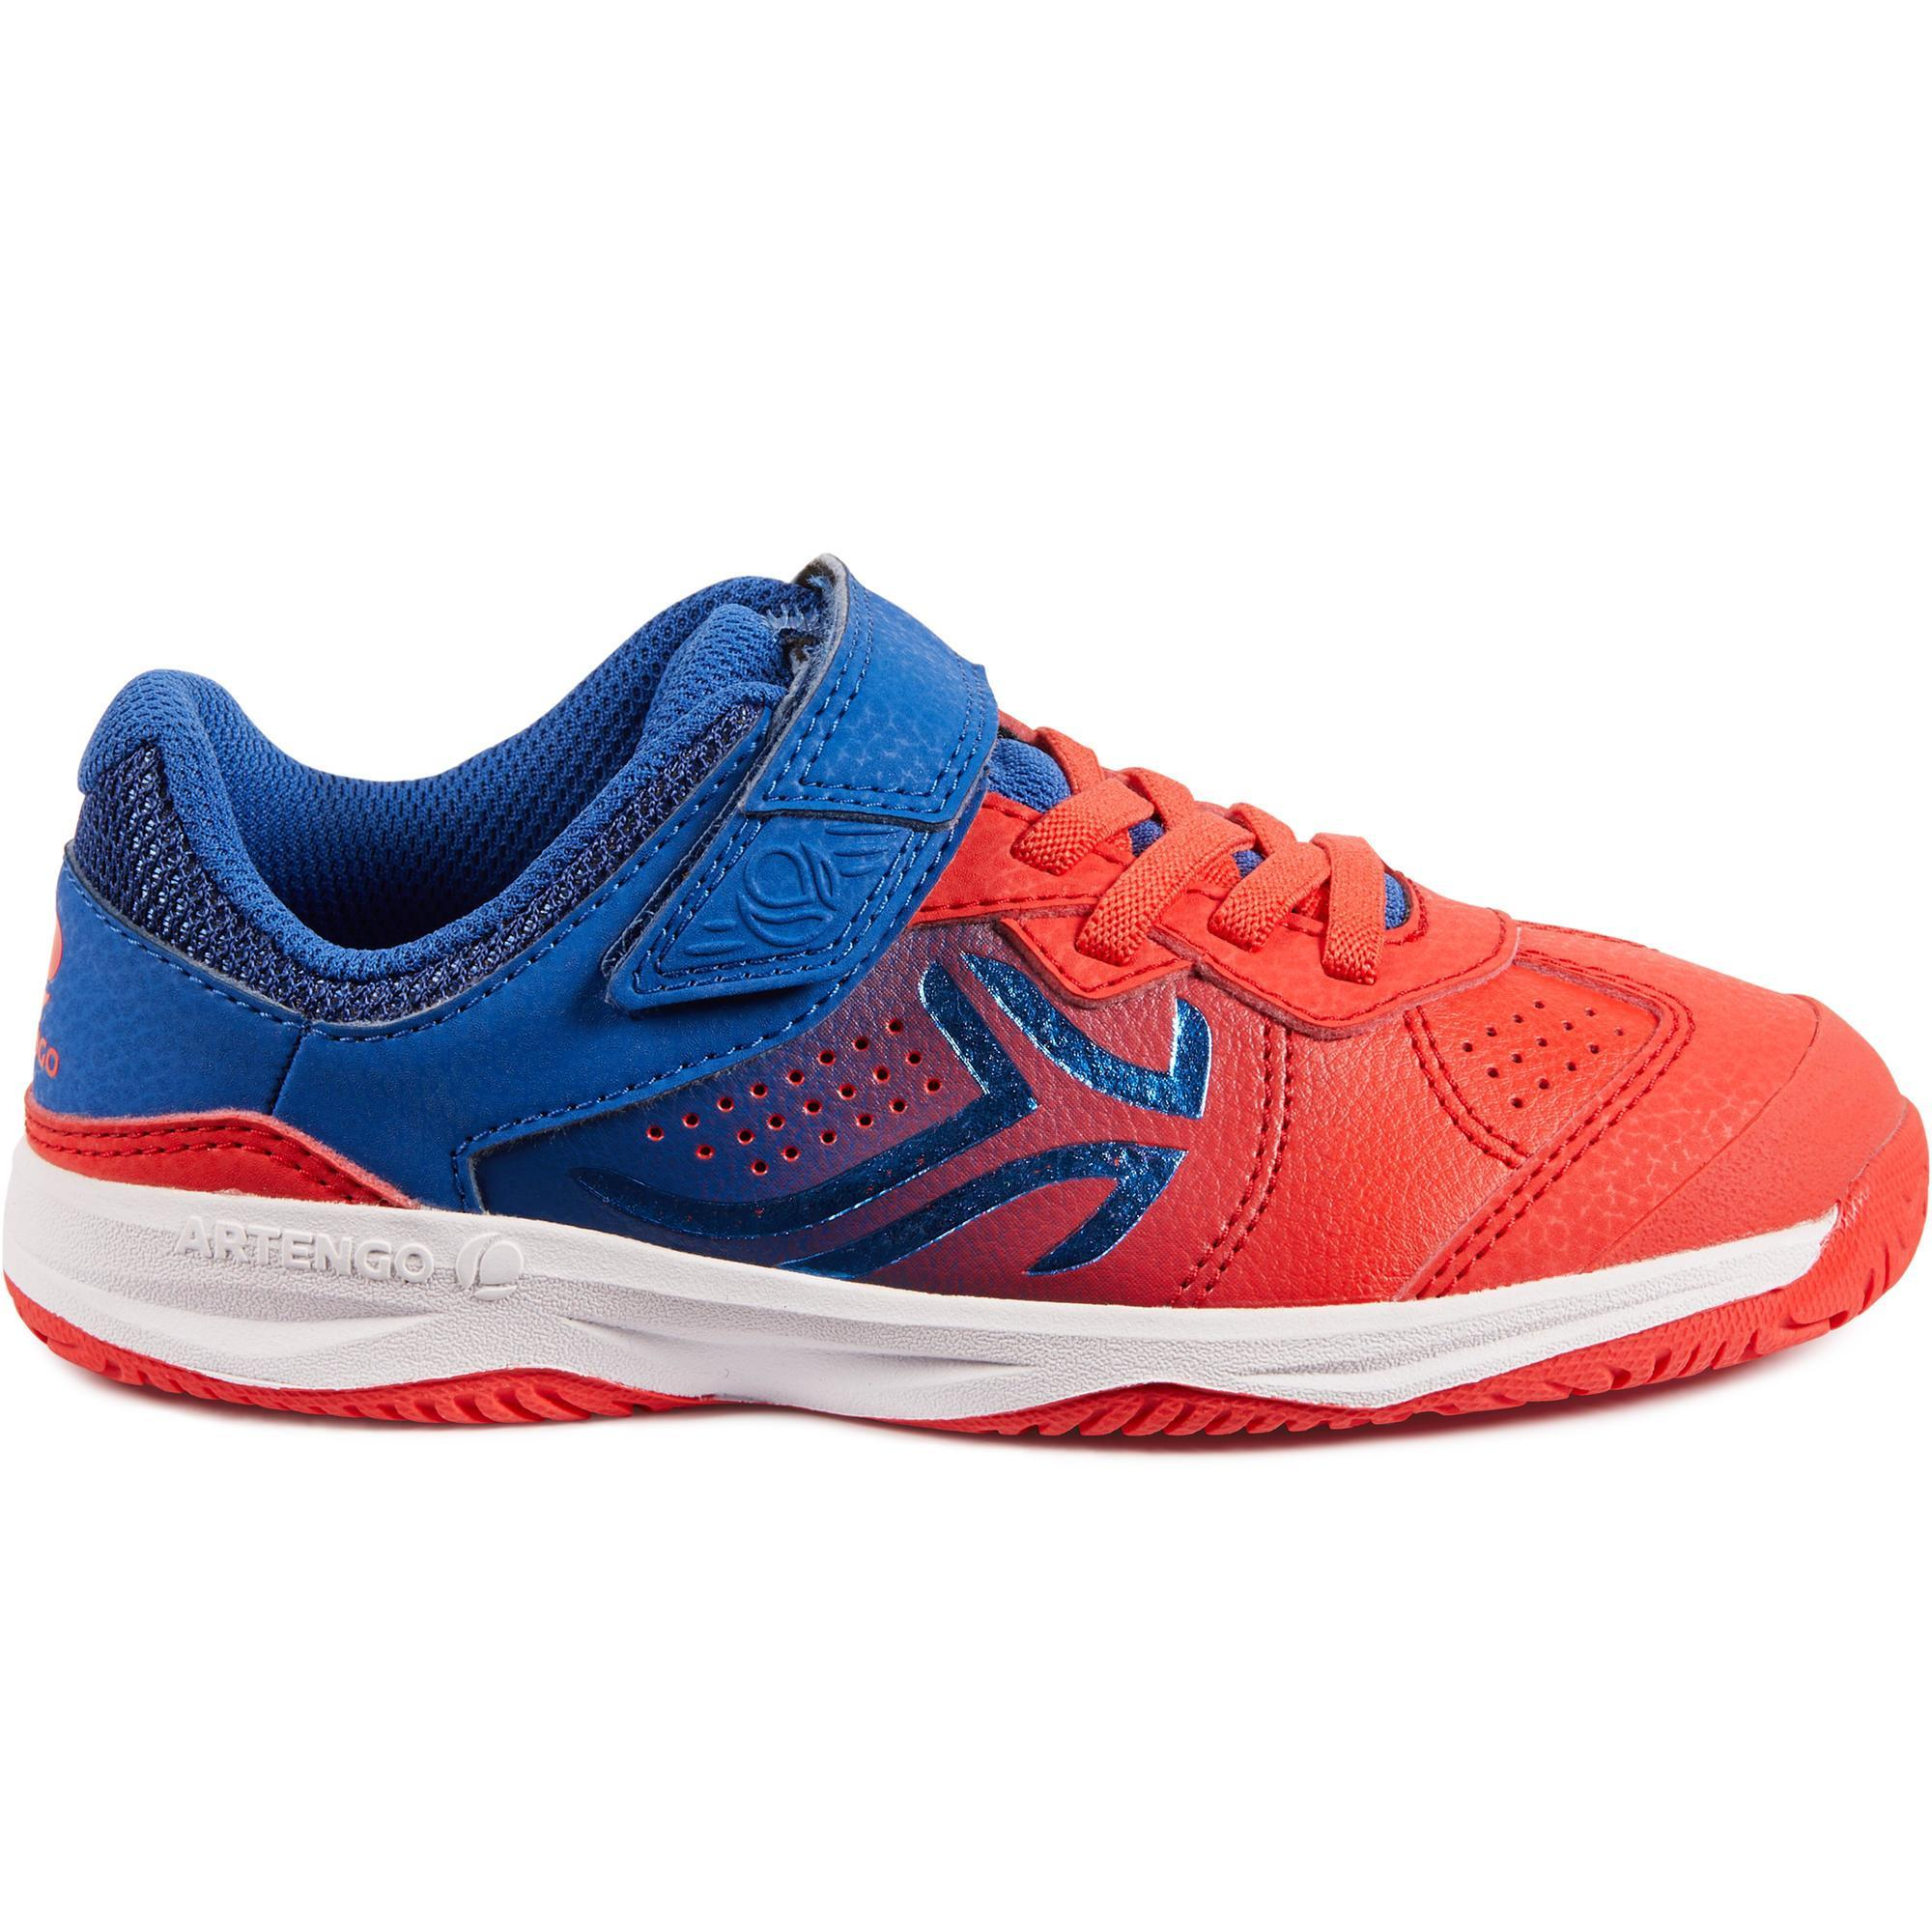 Artengo Tennisschoenen voor kinderen Artengo TS160 blauw/rood